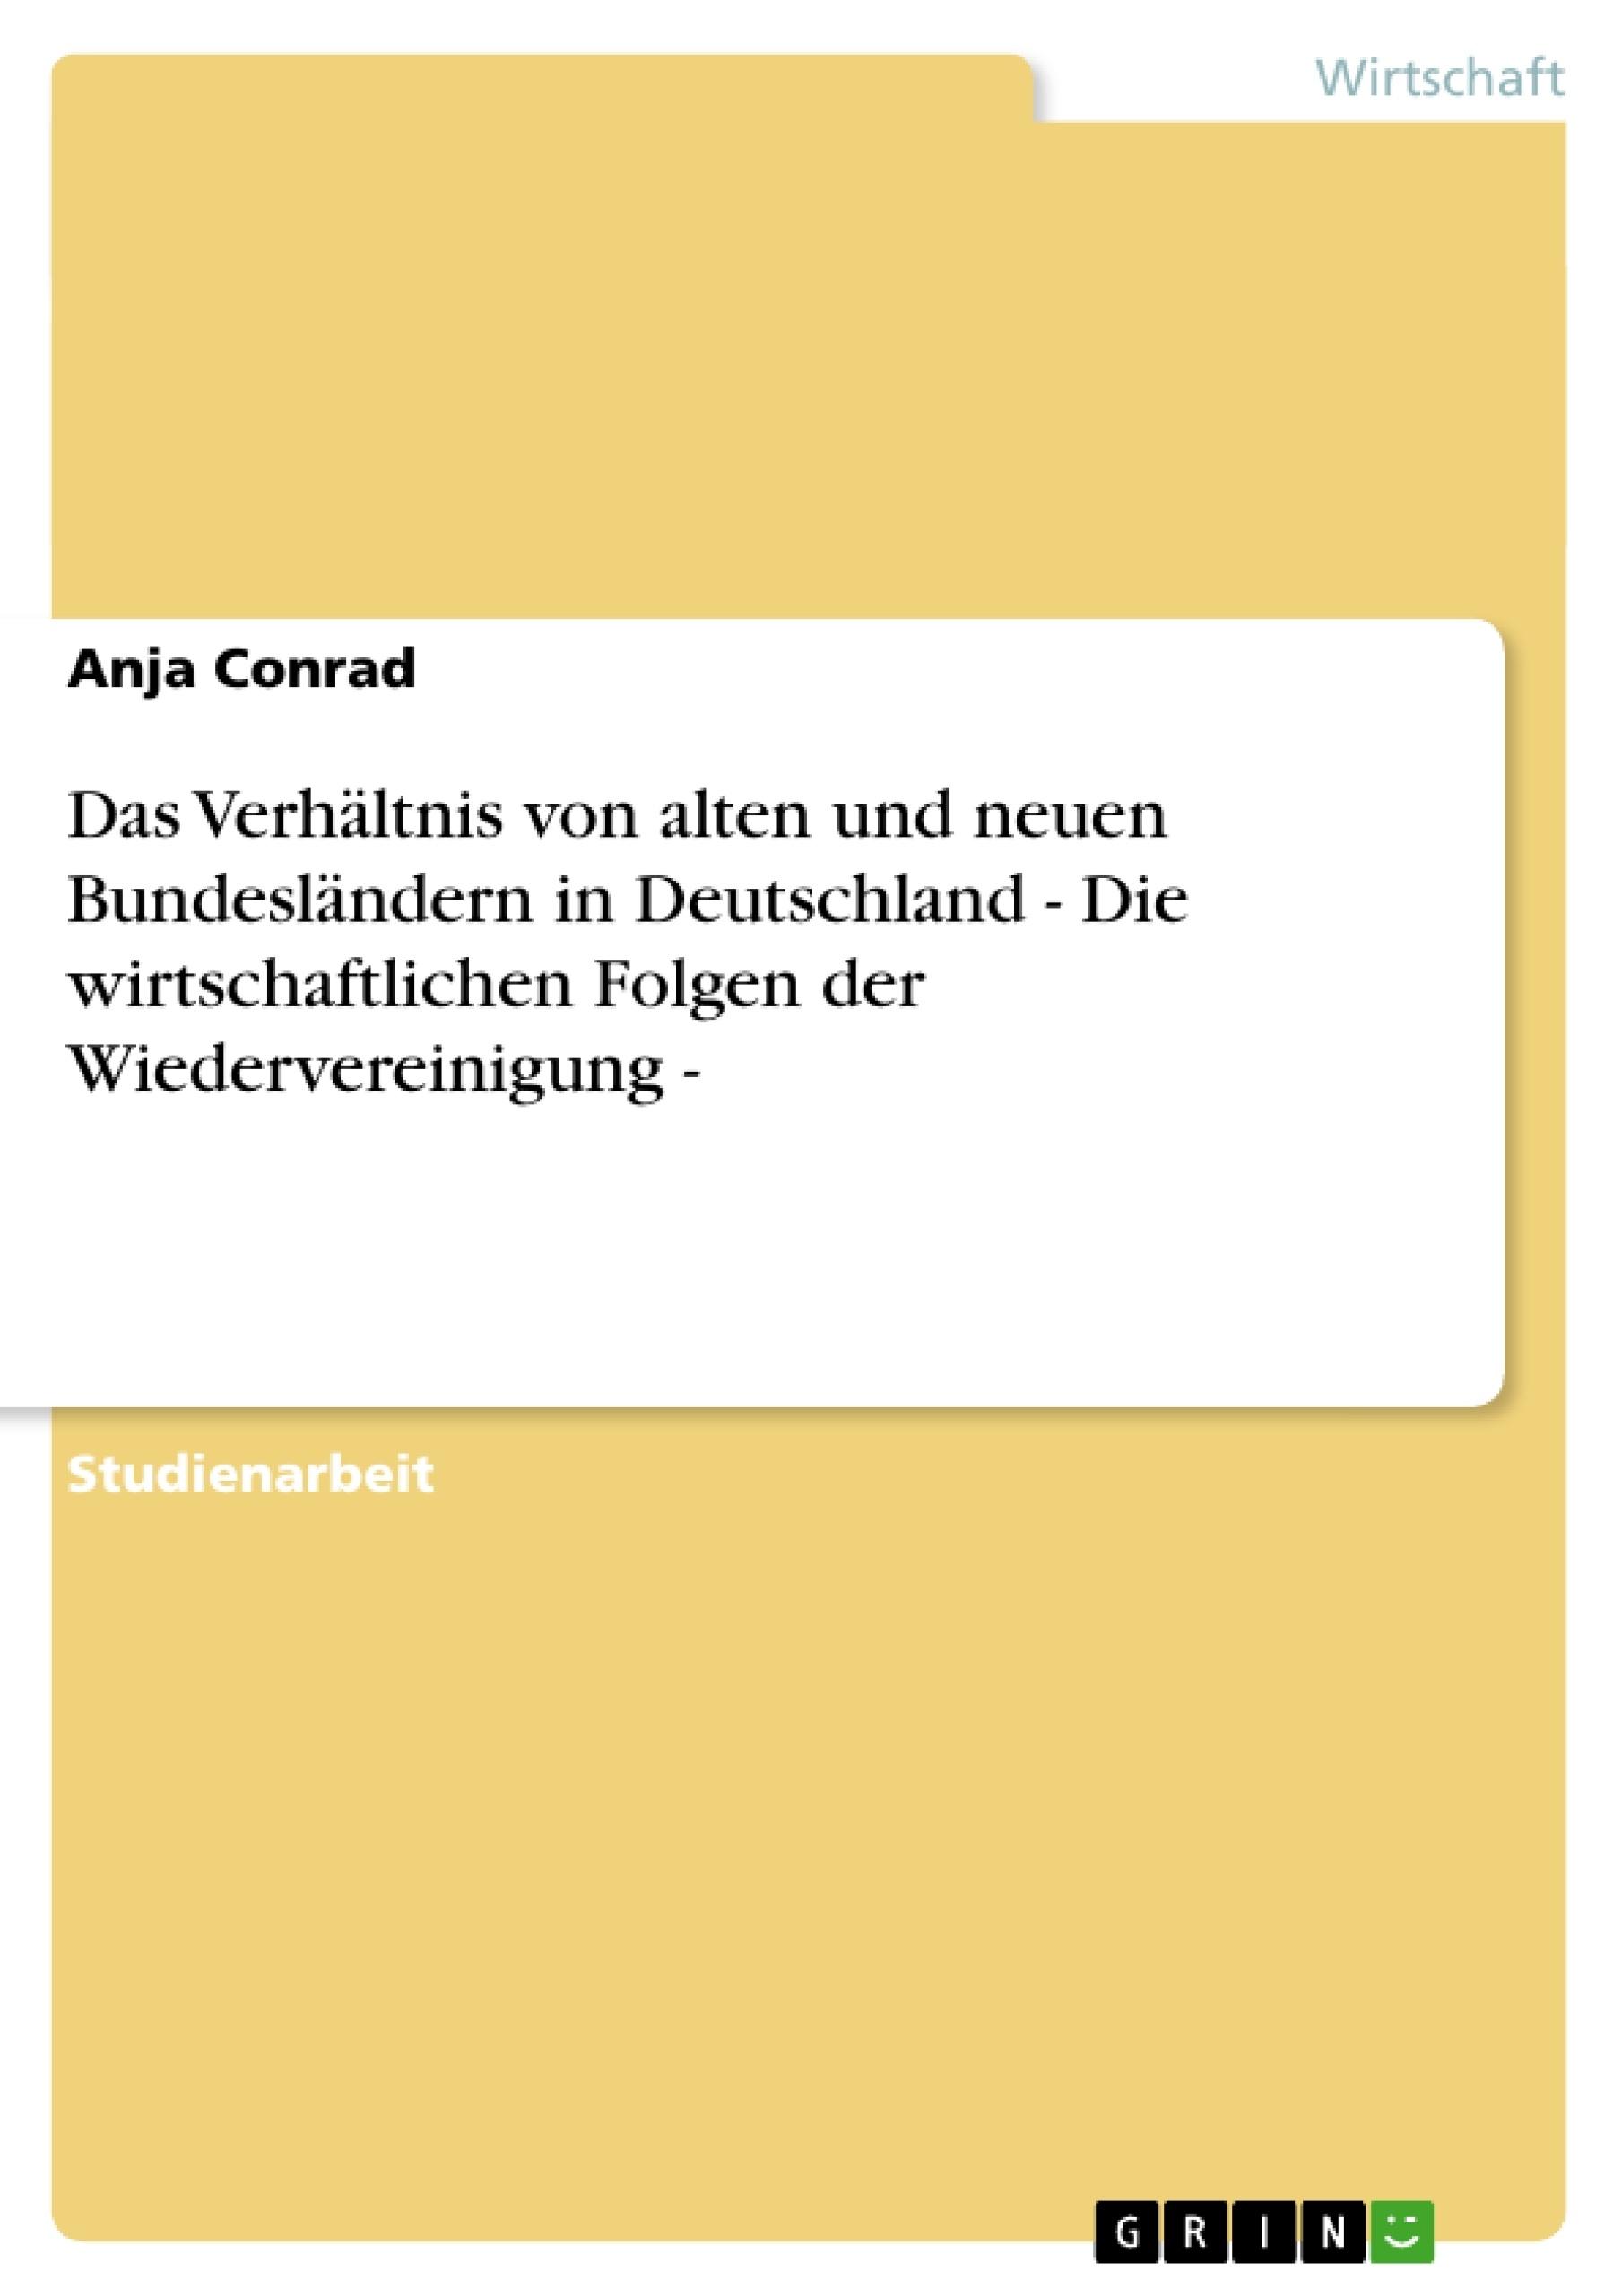 Titel: Das Verhältnis von alten und neuen Bundesländern in Deutschland - Die wirtschaftlichen Folgen der Wiedervereinigung -